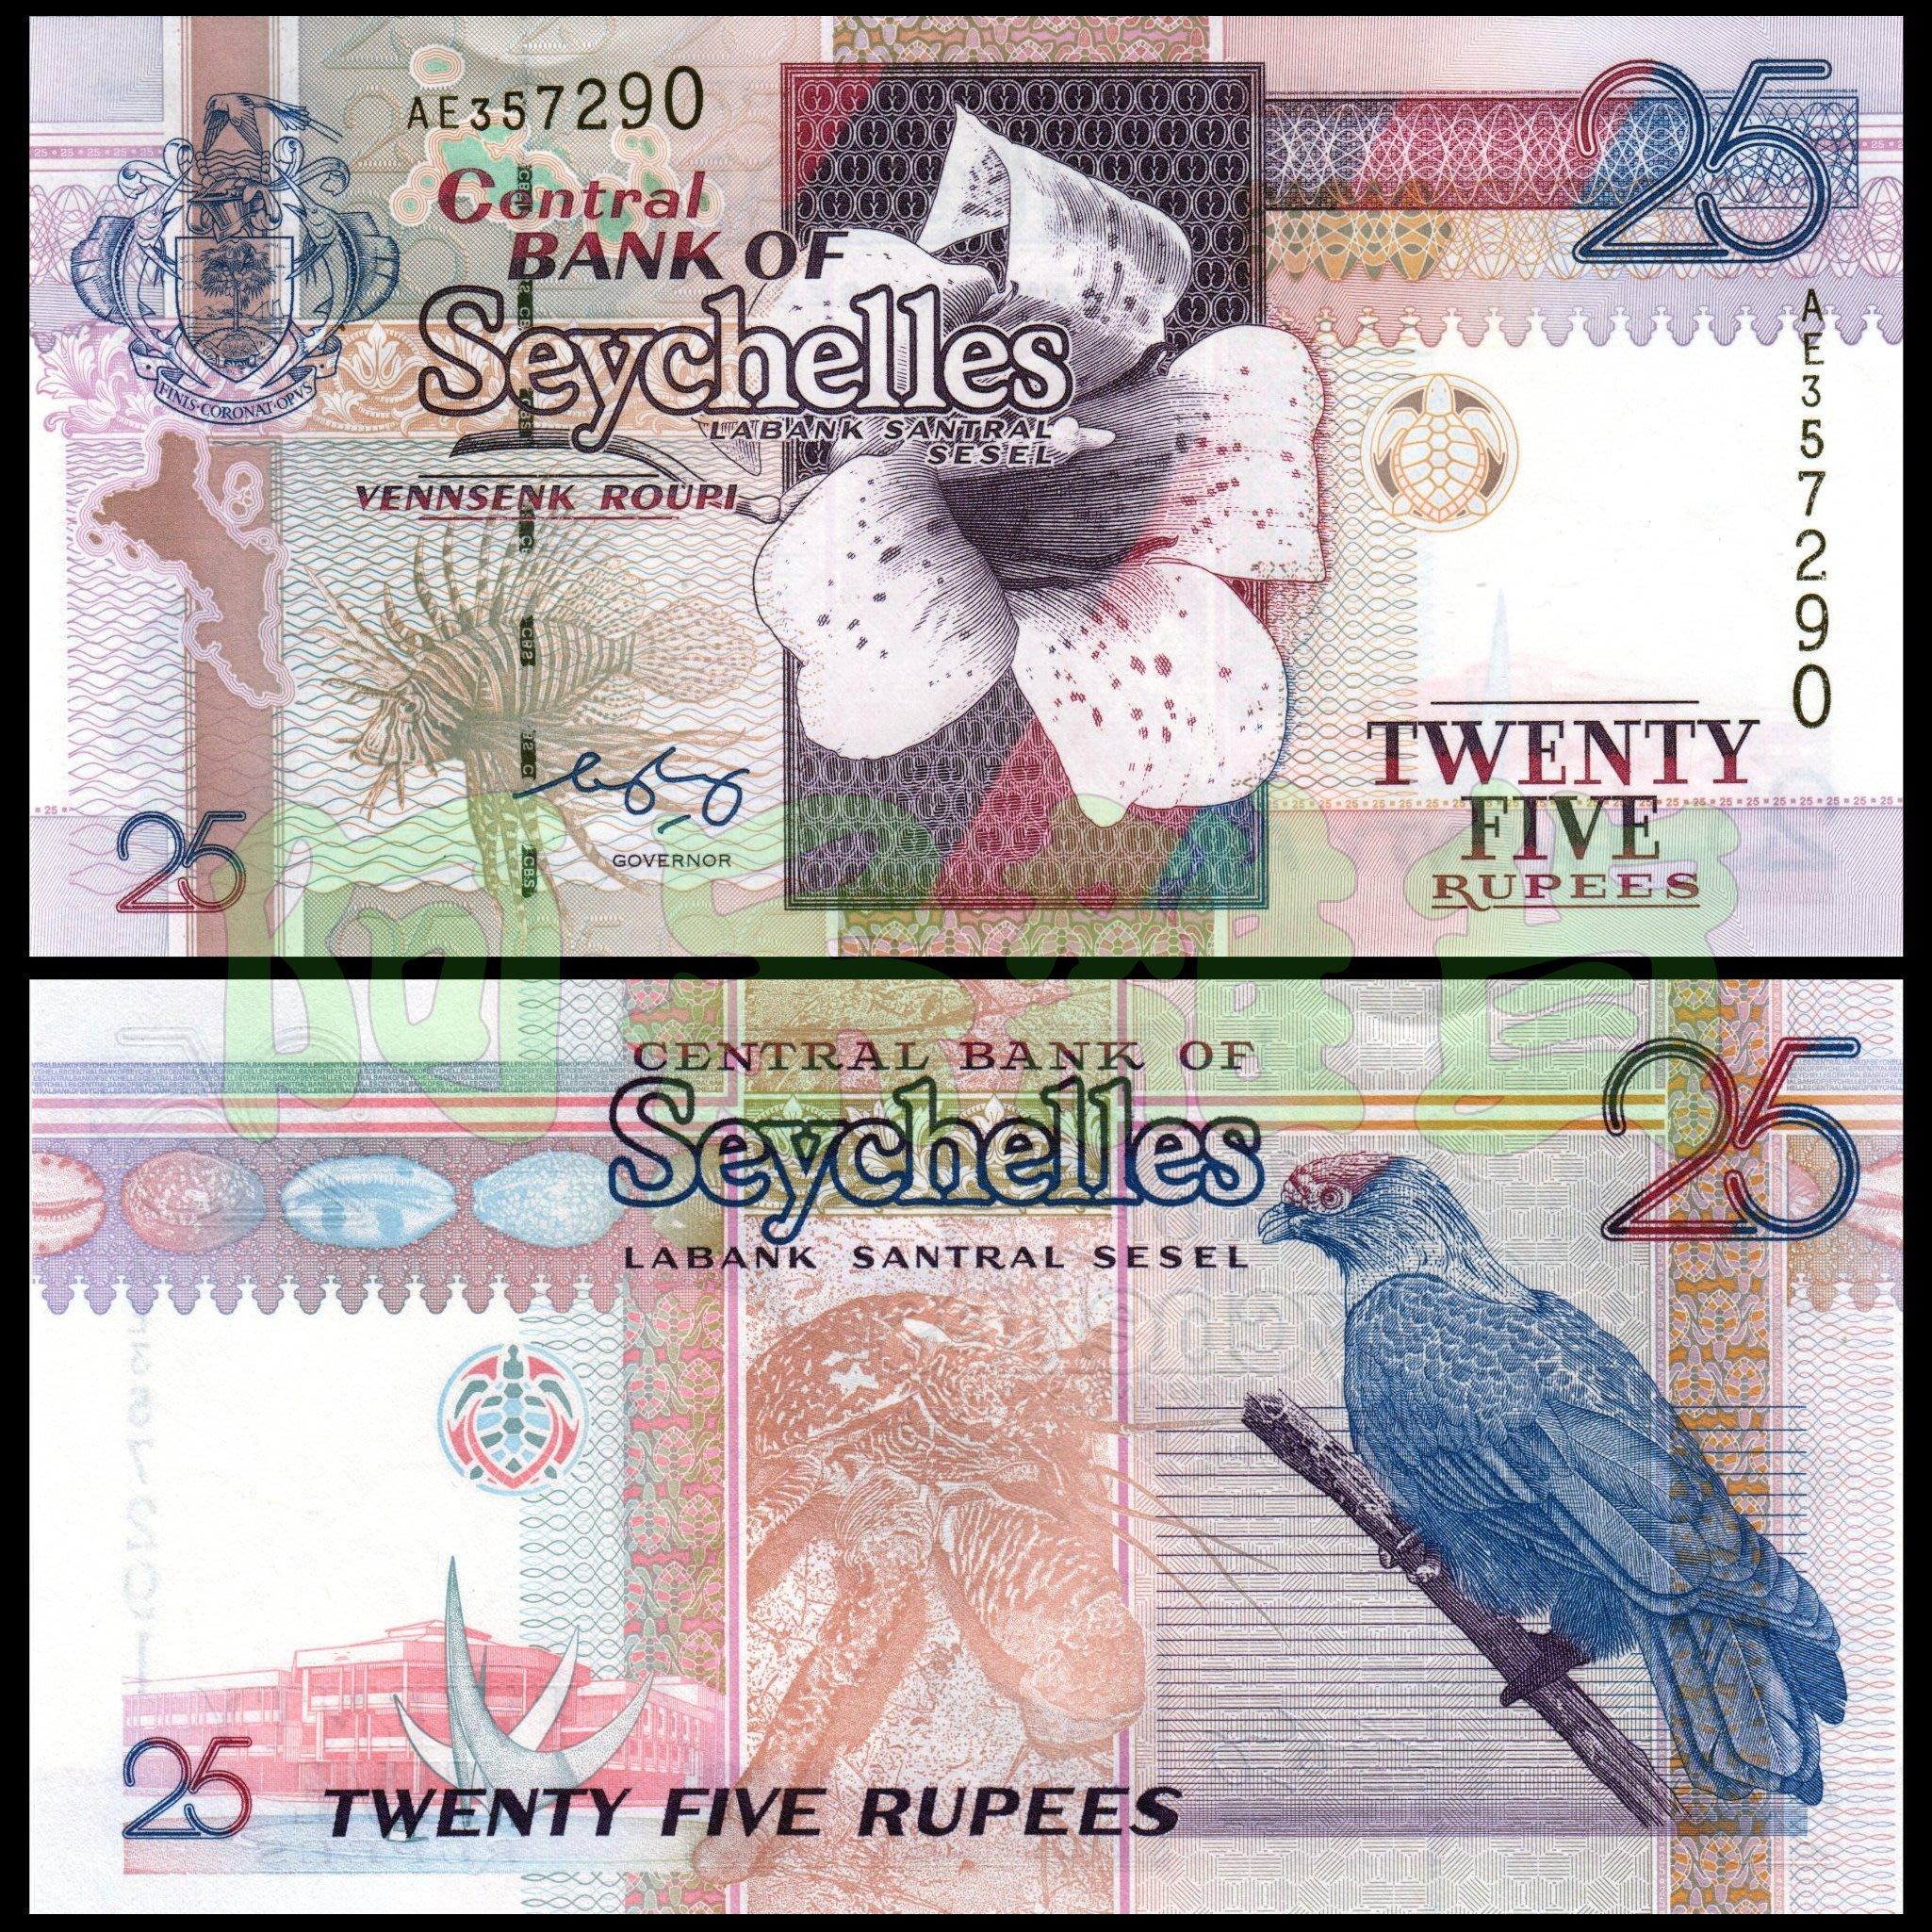 森羅本舖 現貨實拍 塞席爾共和國 25元 1998年 藍鵑鵙 白槴子花 精緻 真鈔 鈔票 鈔 錢幣 紙幣 幣 塞席爾